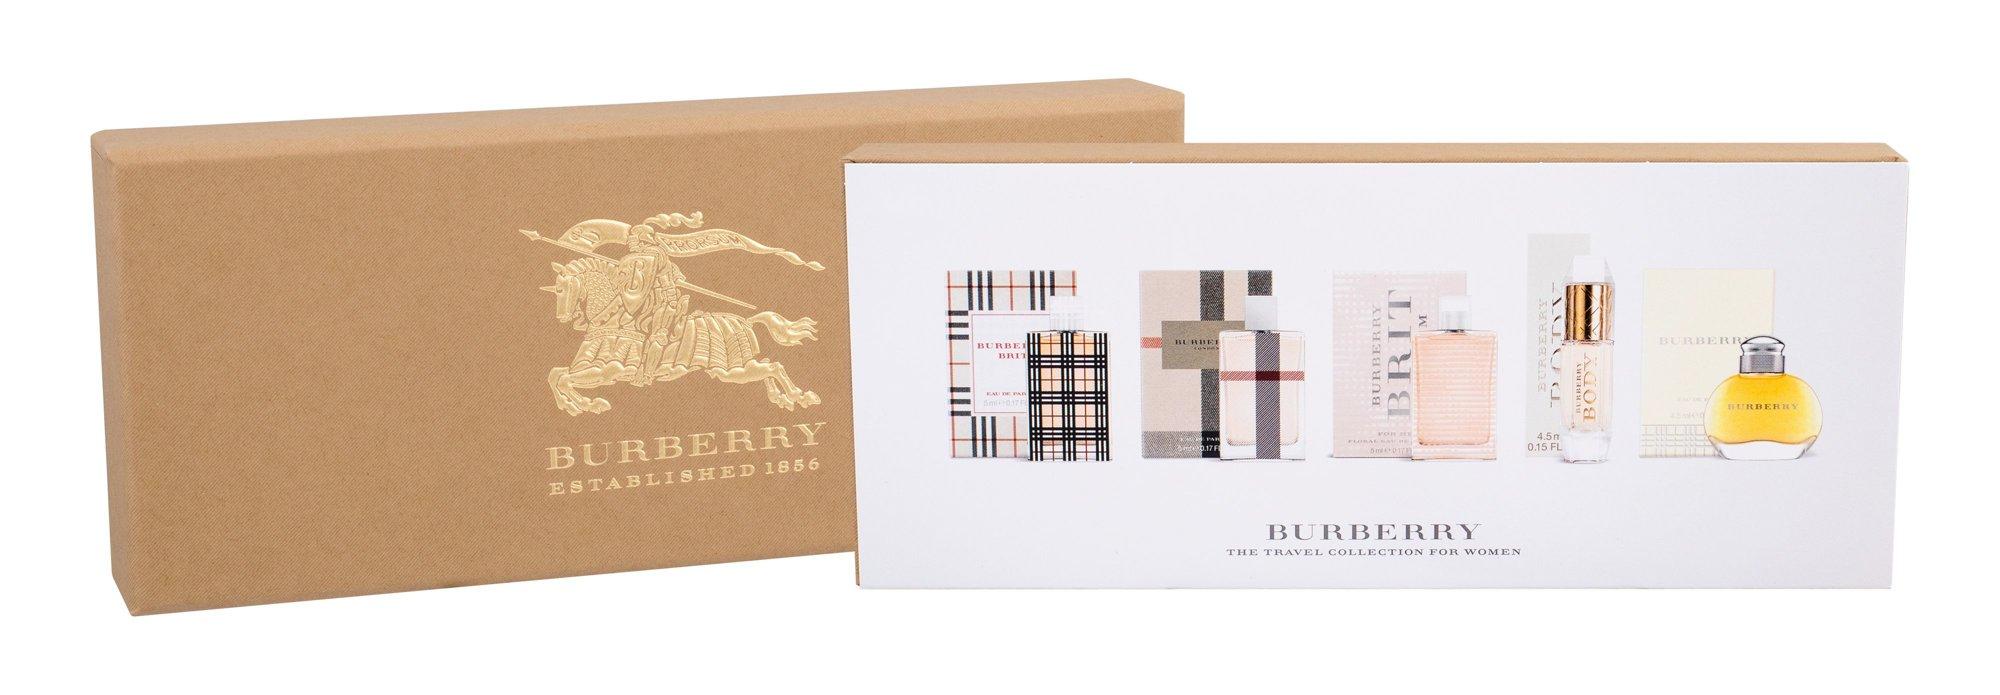 Burberry Mini Set 1 Eau de Parfum 24ml